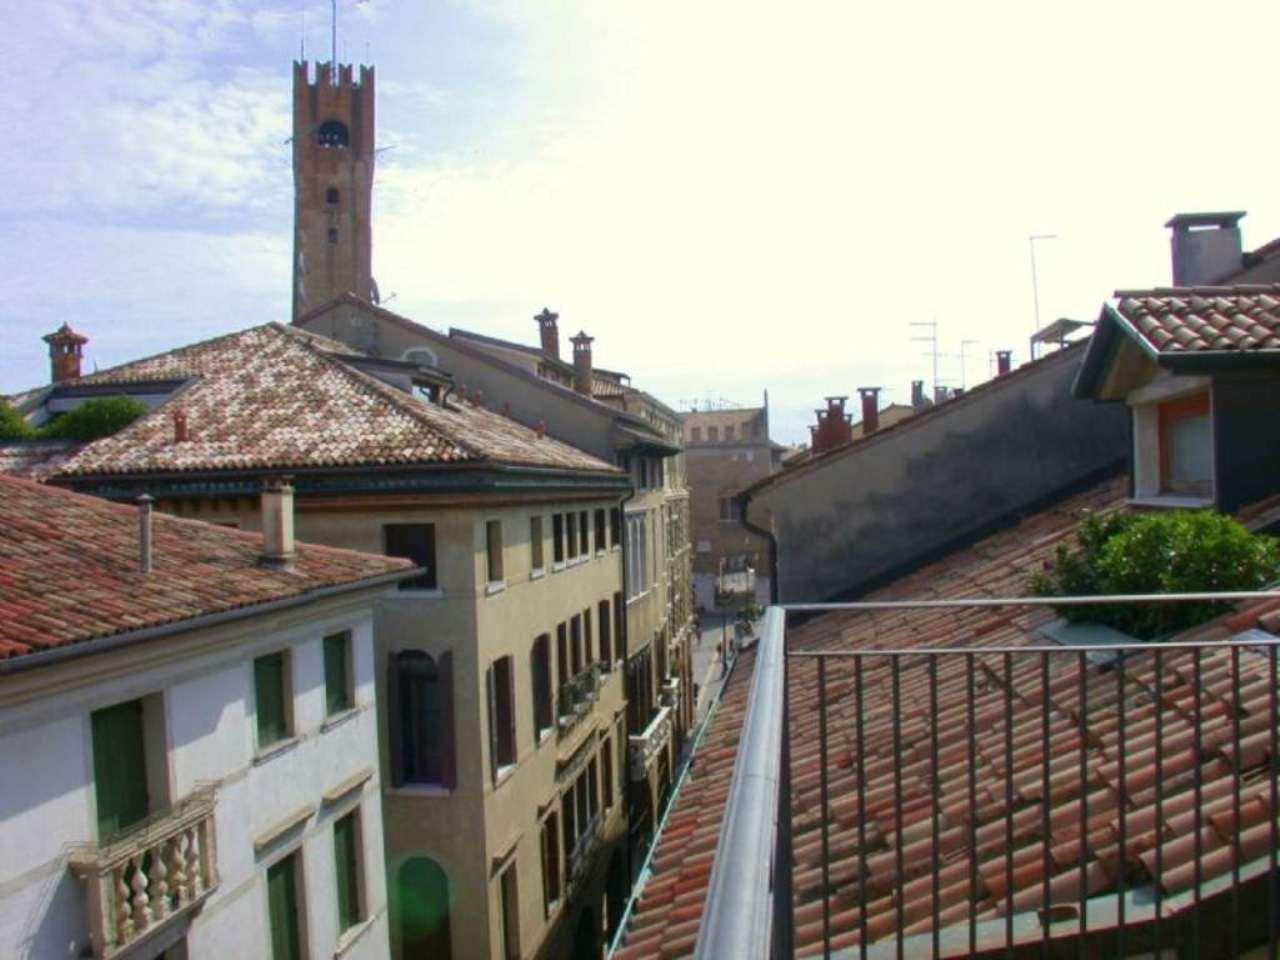 Attico / Mansarda in vendita a Treviso, 6 locali, prezzo € 880.000 | Cambio Casa.it